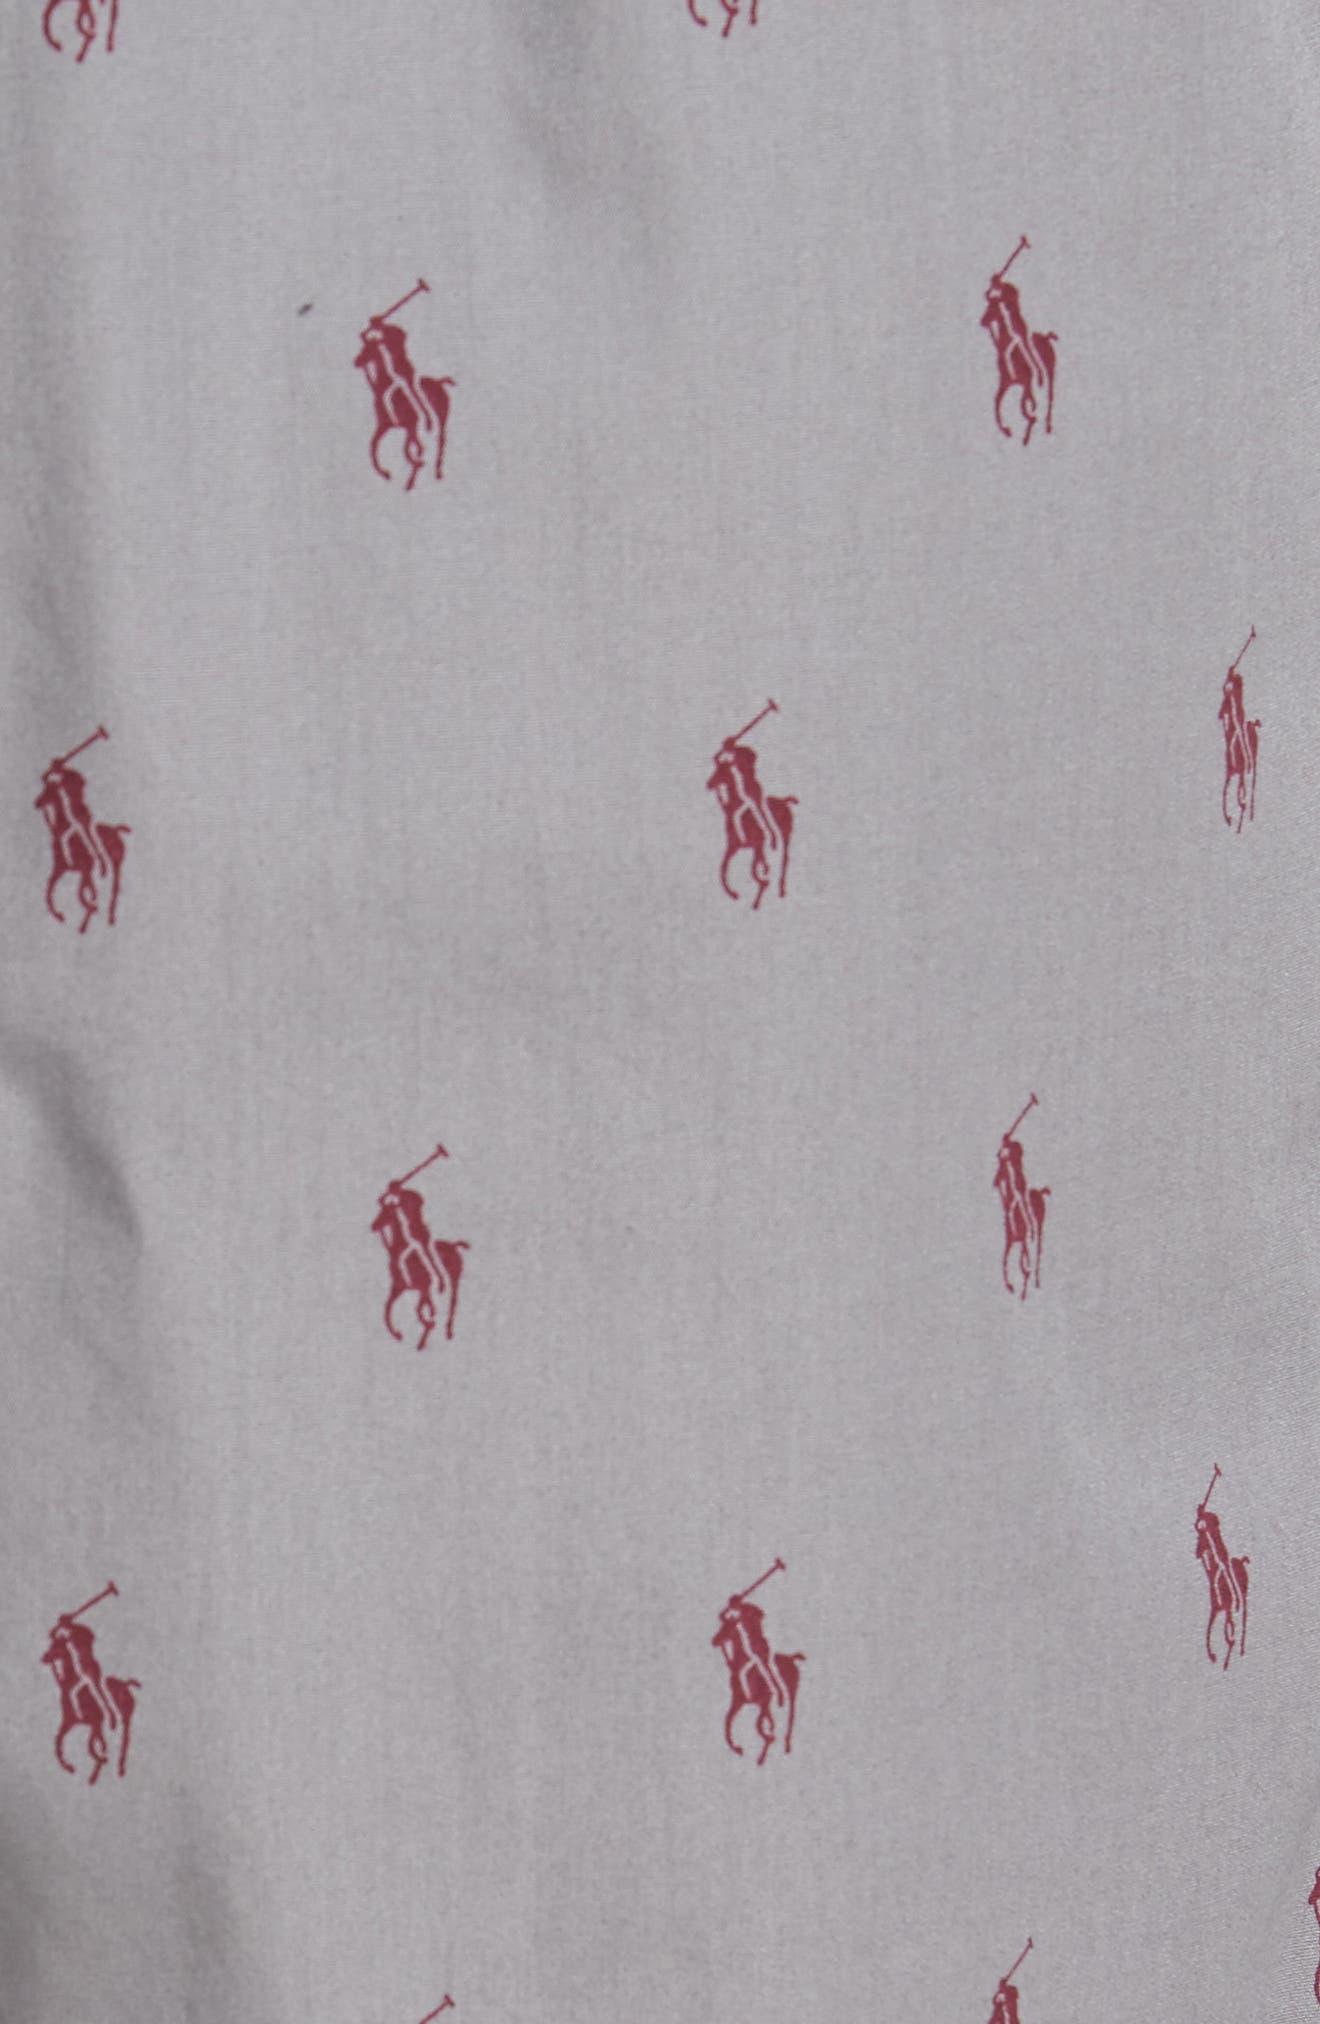 Polo Ralph Lauren Cotton Lounge Pants,                             Alternate thumbnail 21, color,